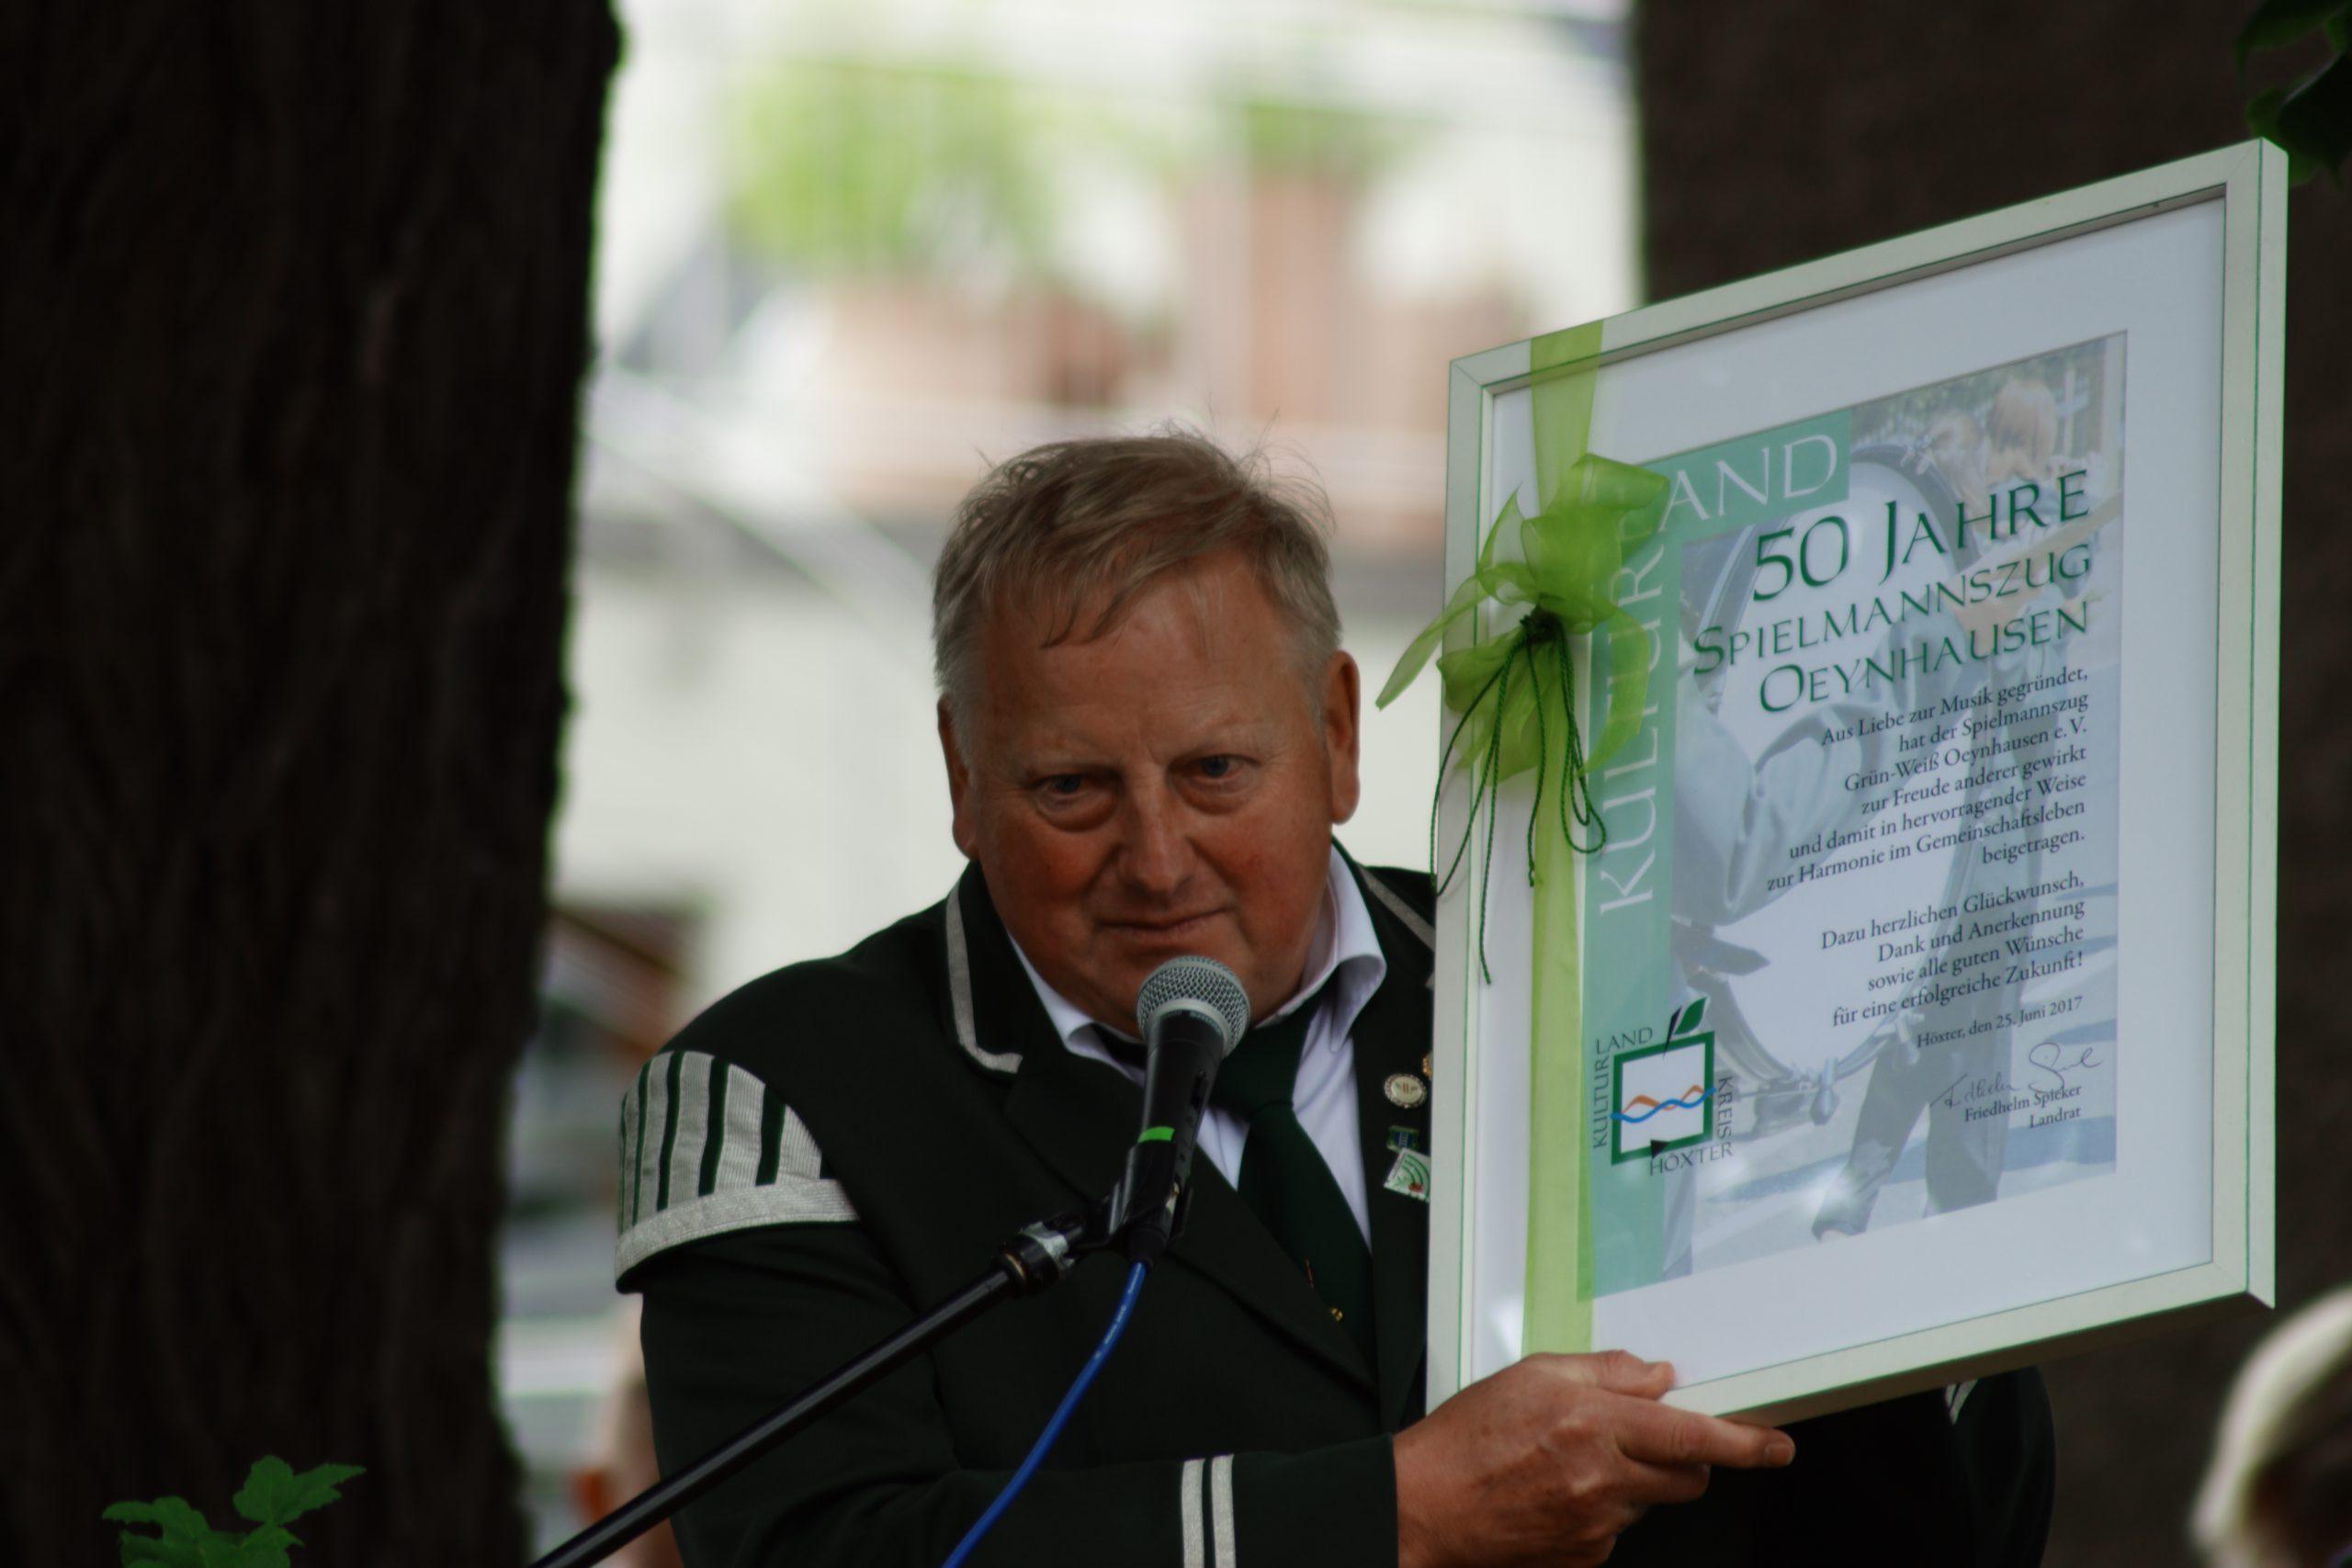 50 Jahre Spielmannszug